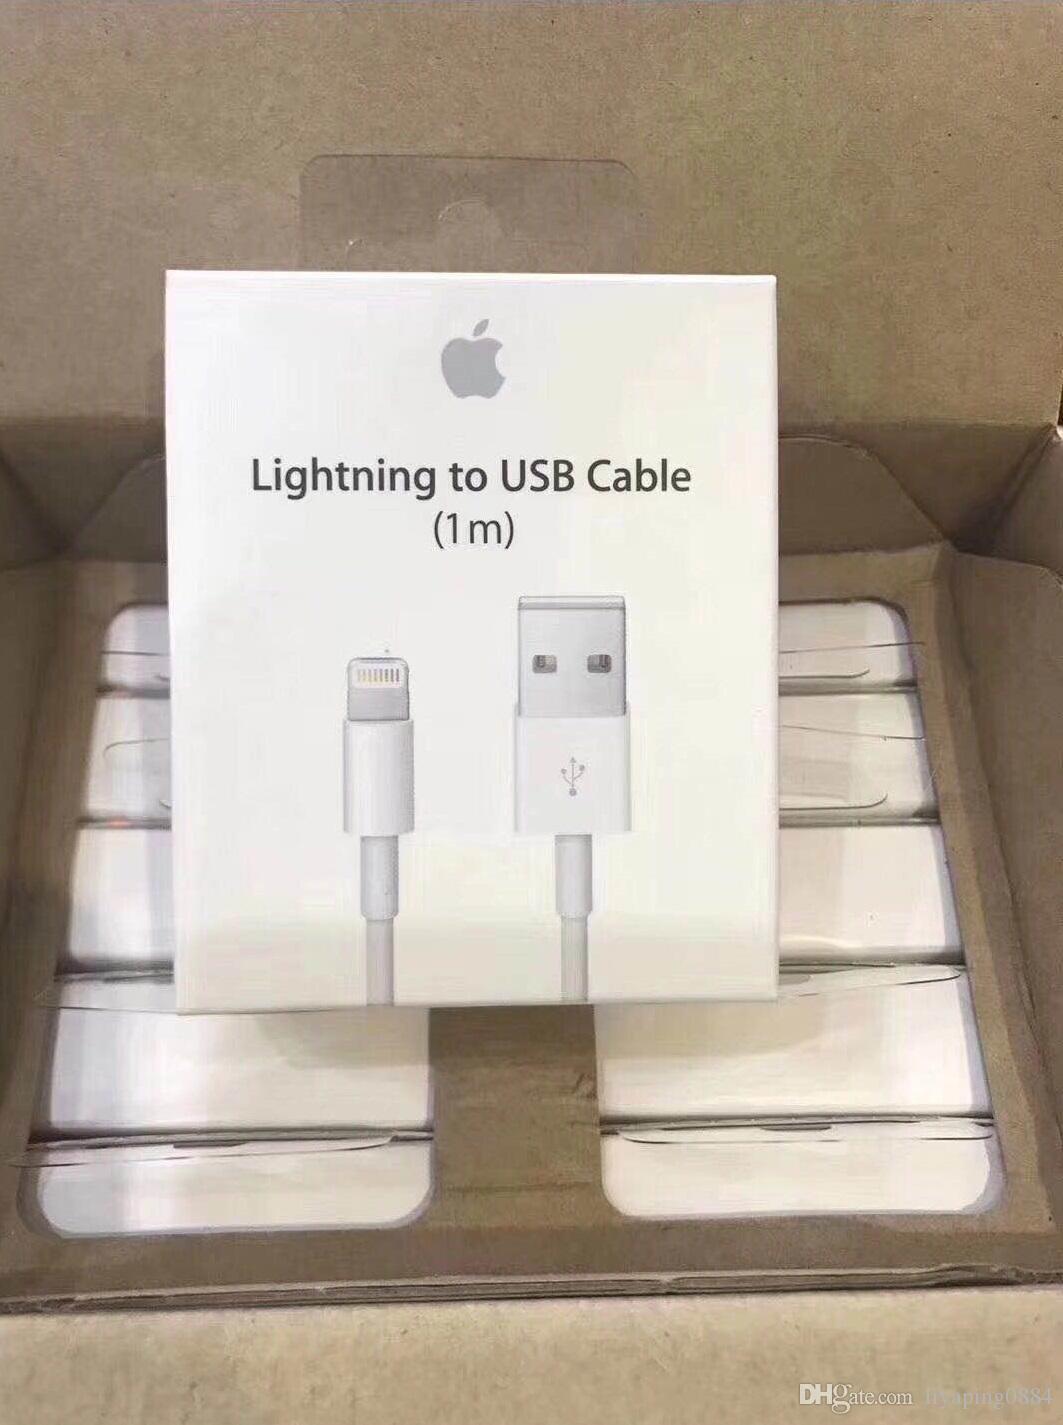 bda2e64d1f0 Conectar Teléfono Cable Lightning A USB Original De Apple Para IPhone XS XR X  8 7 6 6S Cable Para IPad Cargador Para Teléfono Móvil Cables USB Accesorios  ...